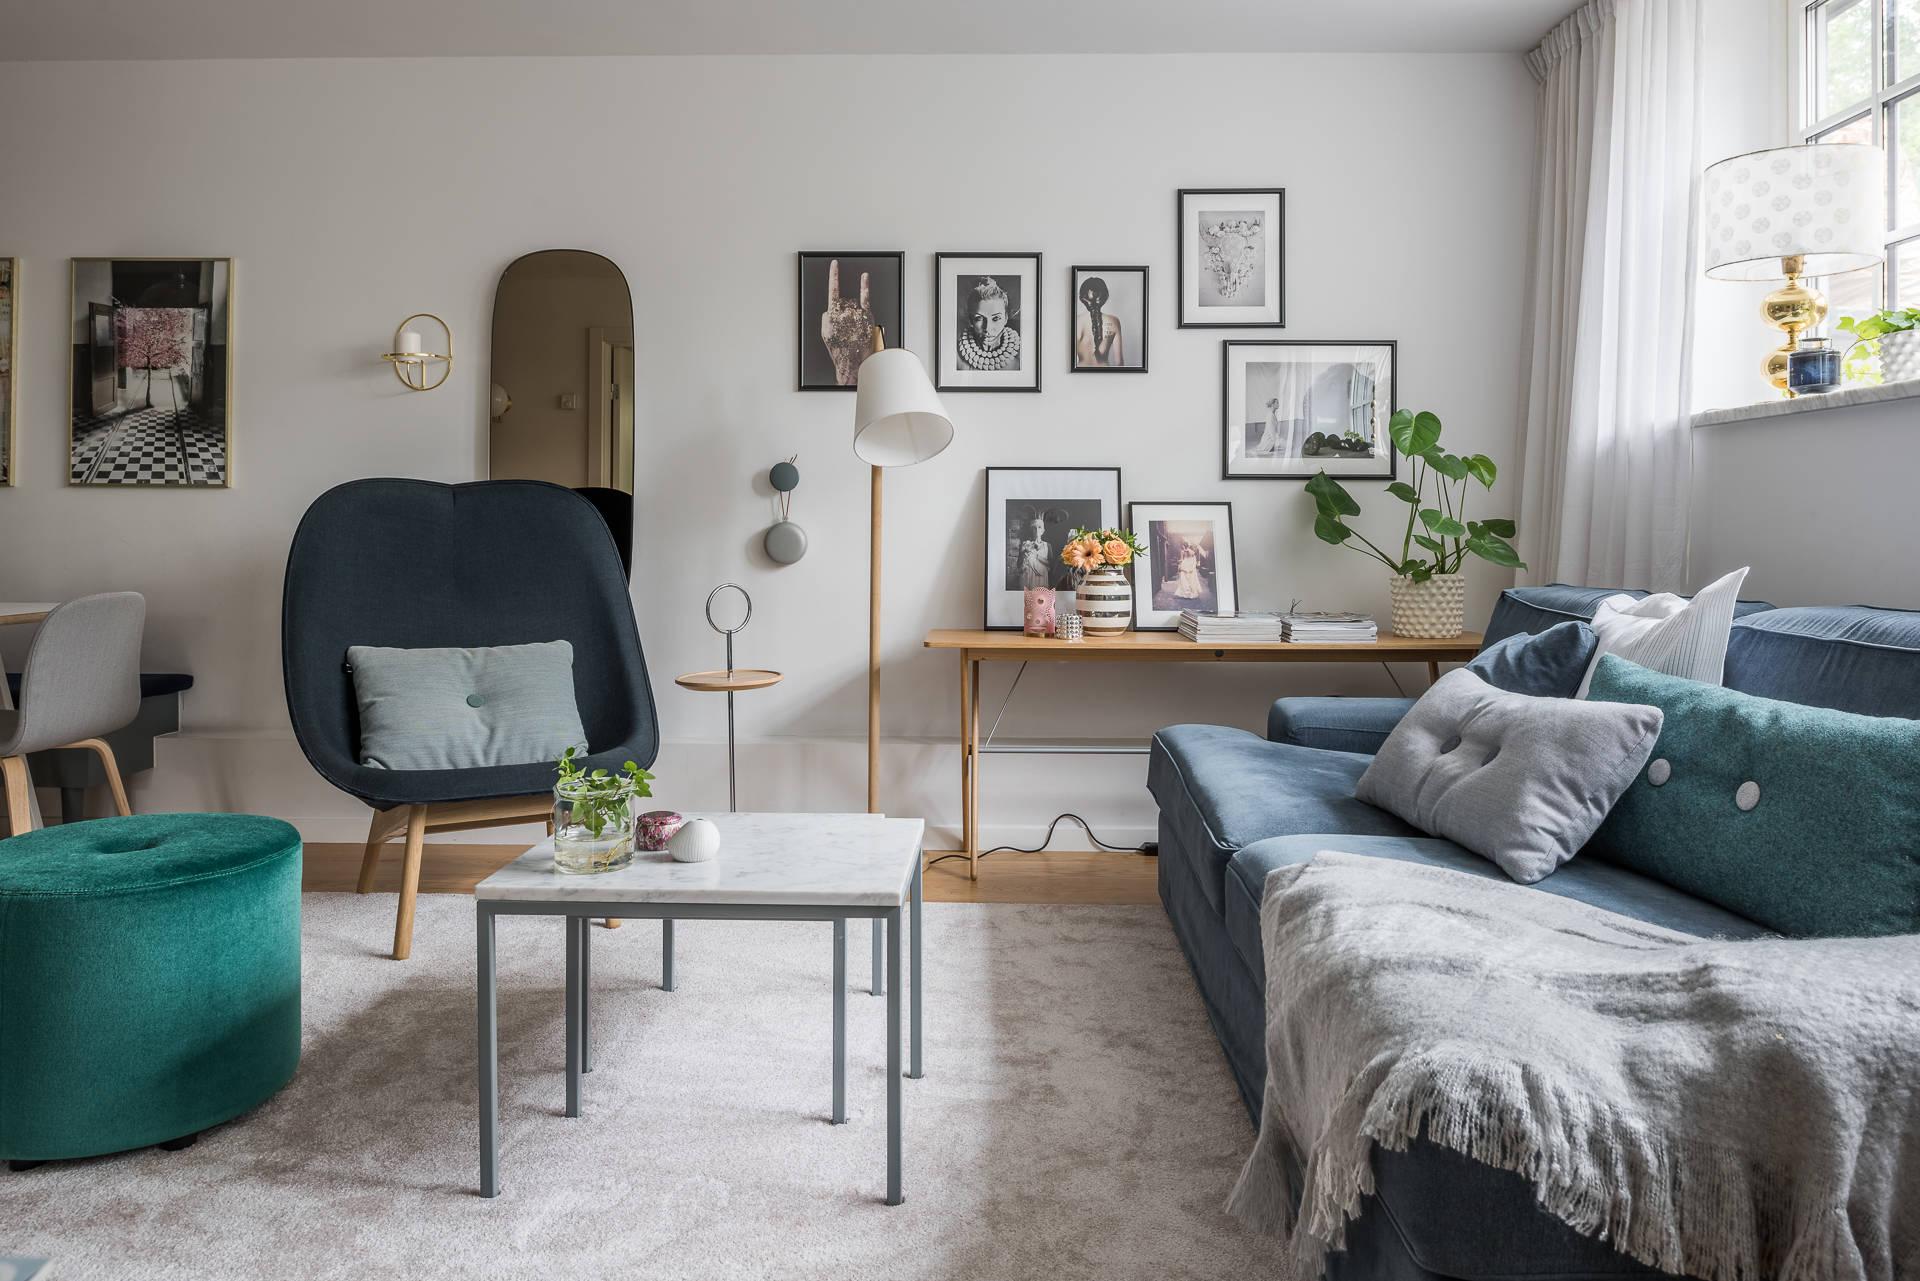 гостиная диван столик ковер